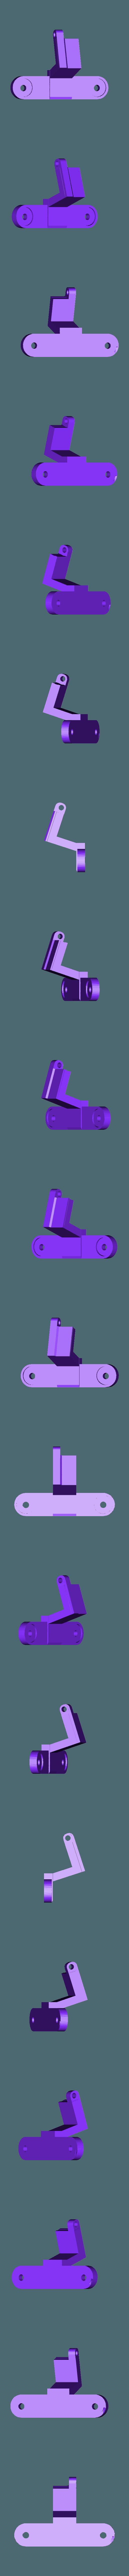 C270_tronxy_X5SA.stl Download free STL file TronXY X5S Logitech C270 • 3D printer template, Raabi91